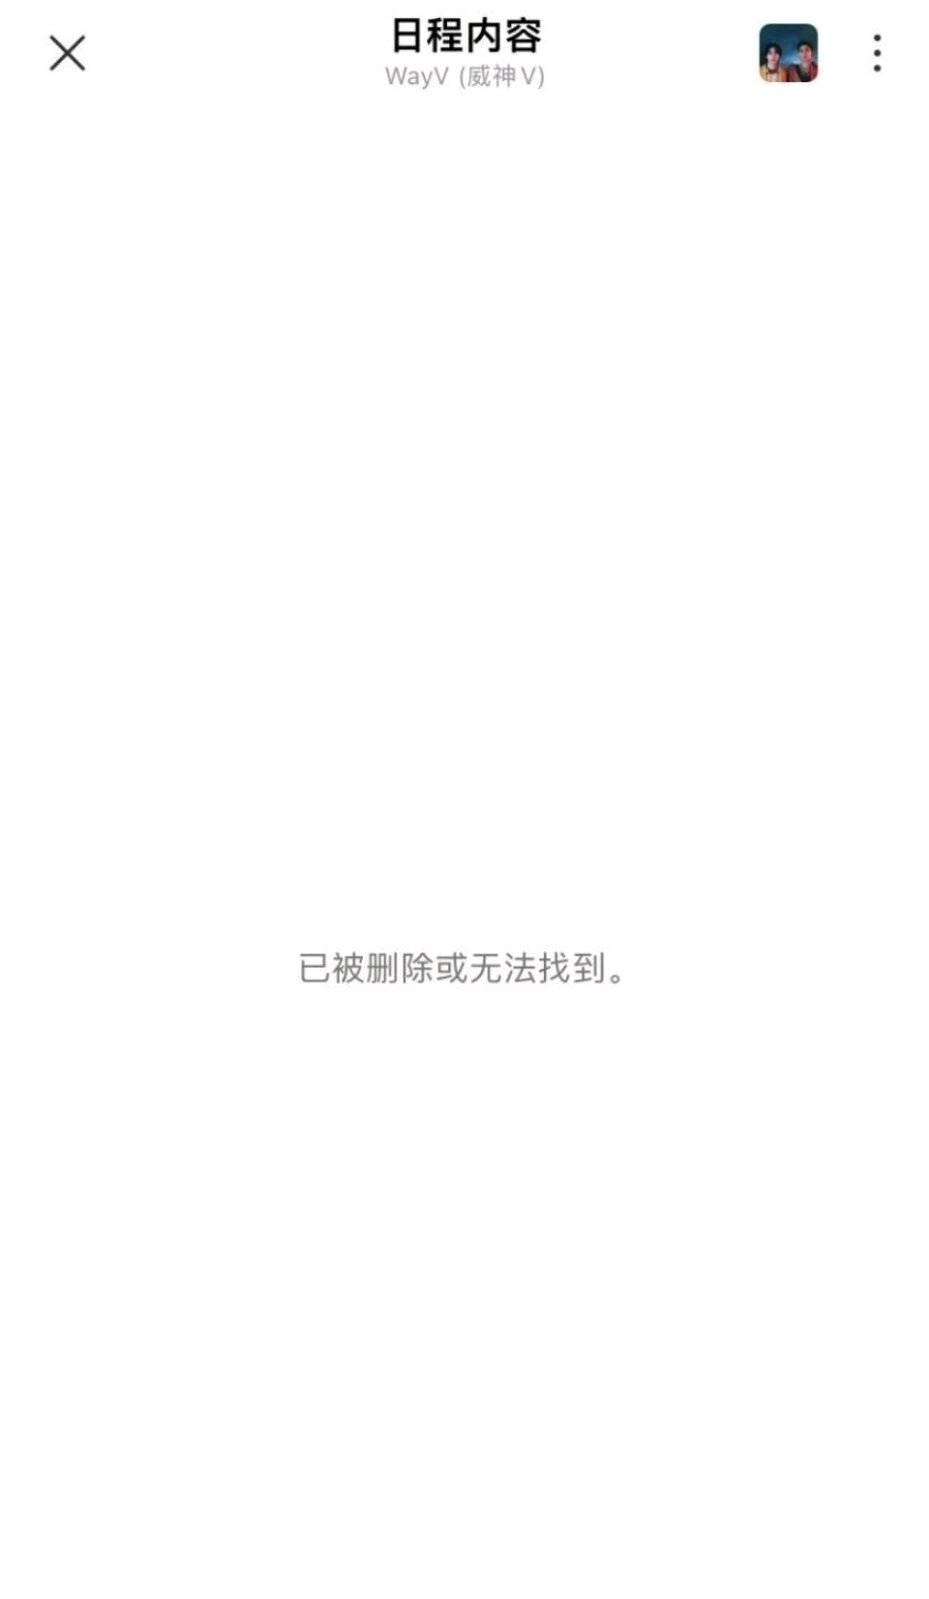 黄旭熙黄冠亨直播突然被取消,Lucas首站因各种丑闻宣布全体离职